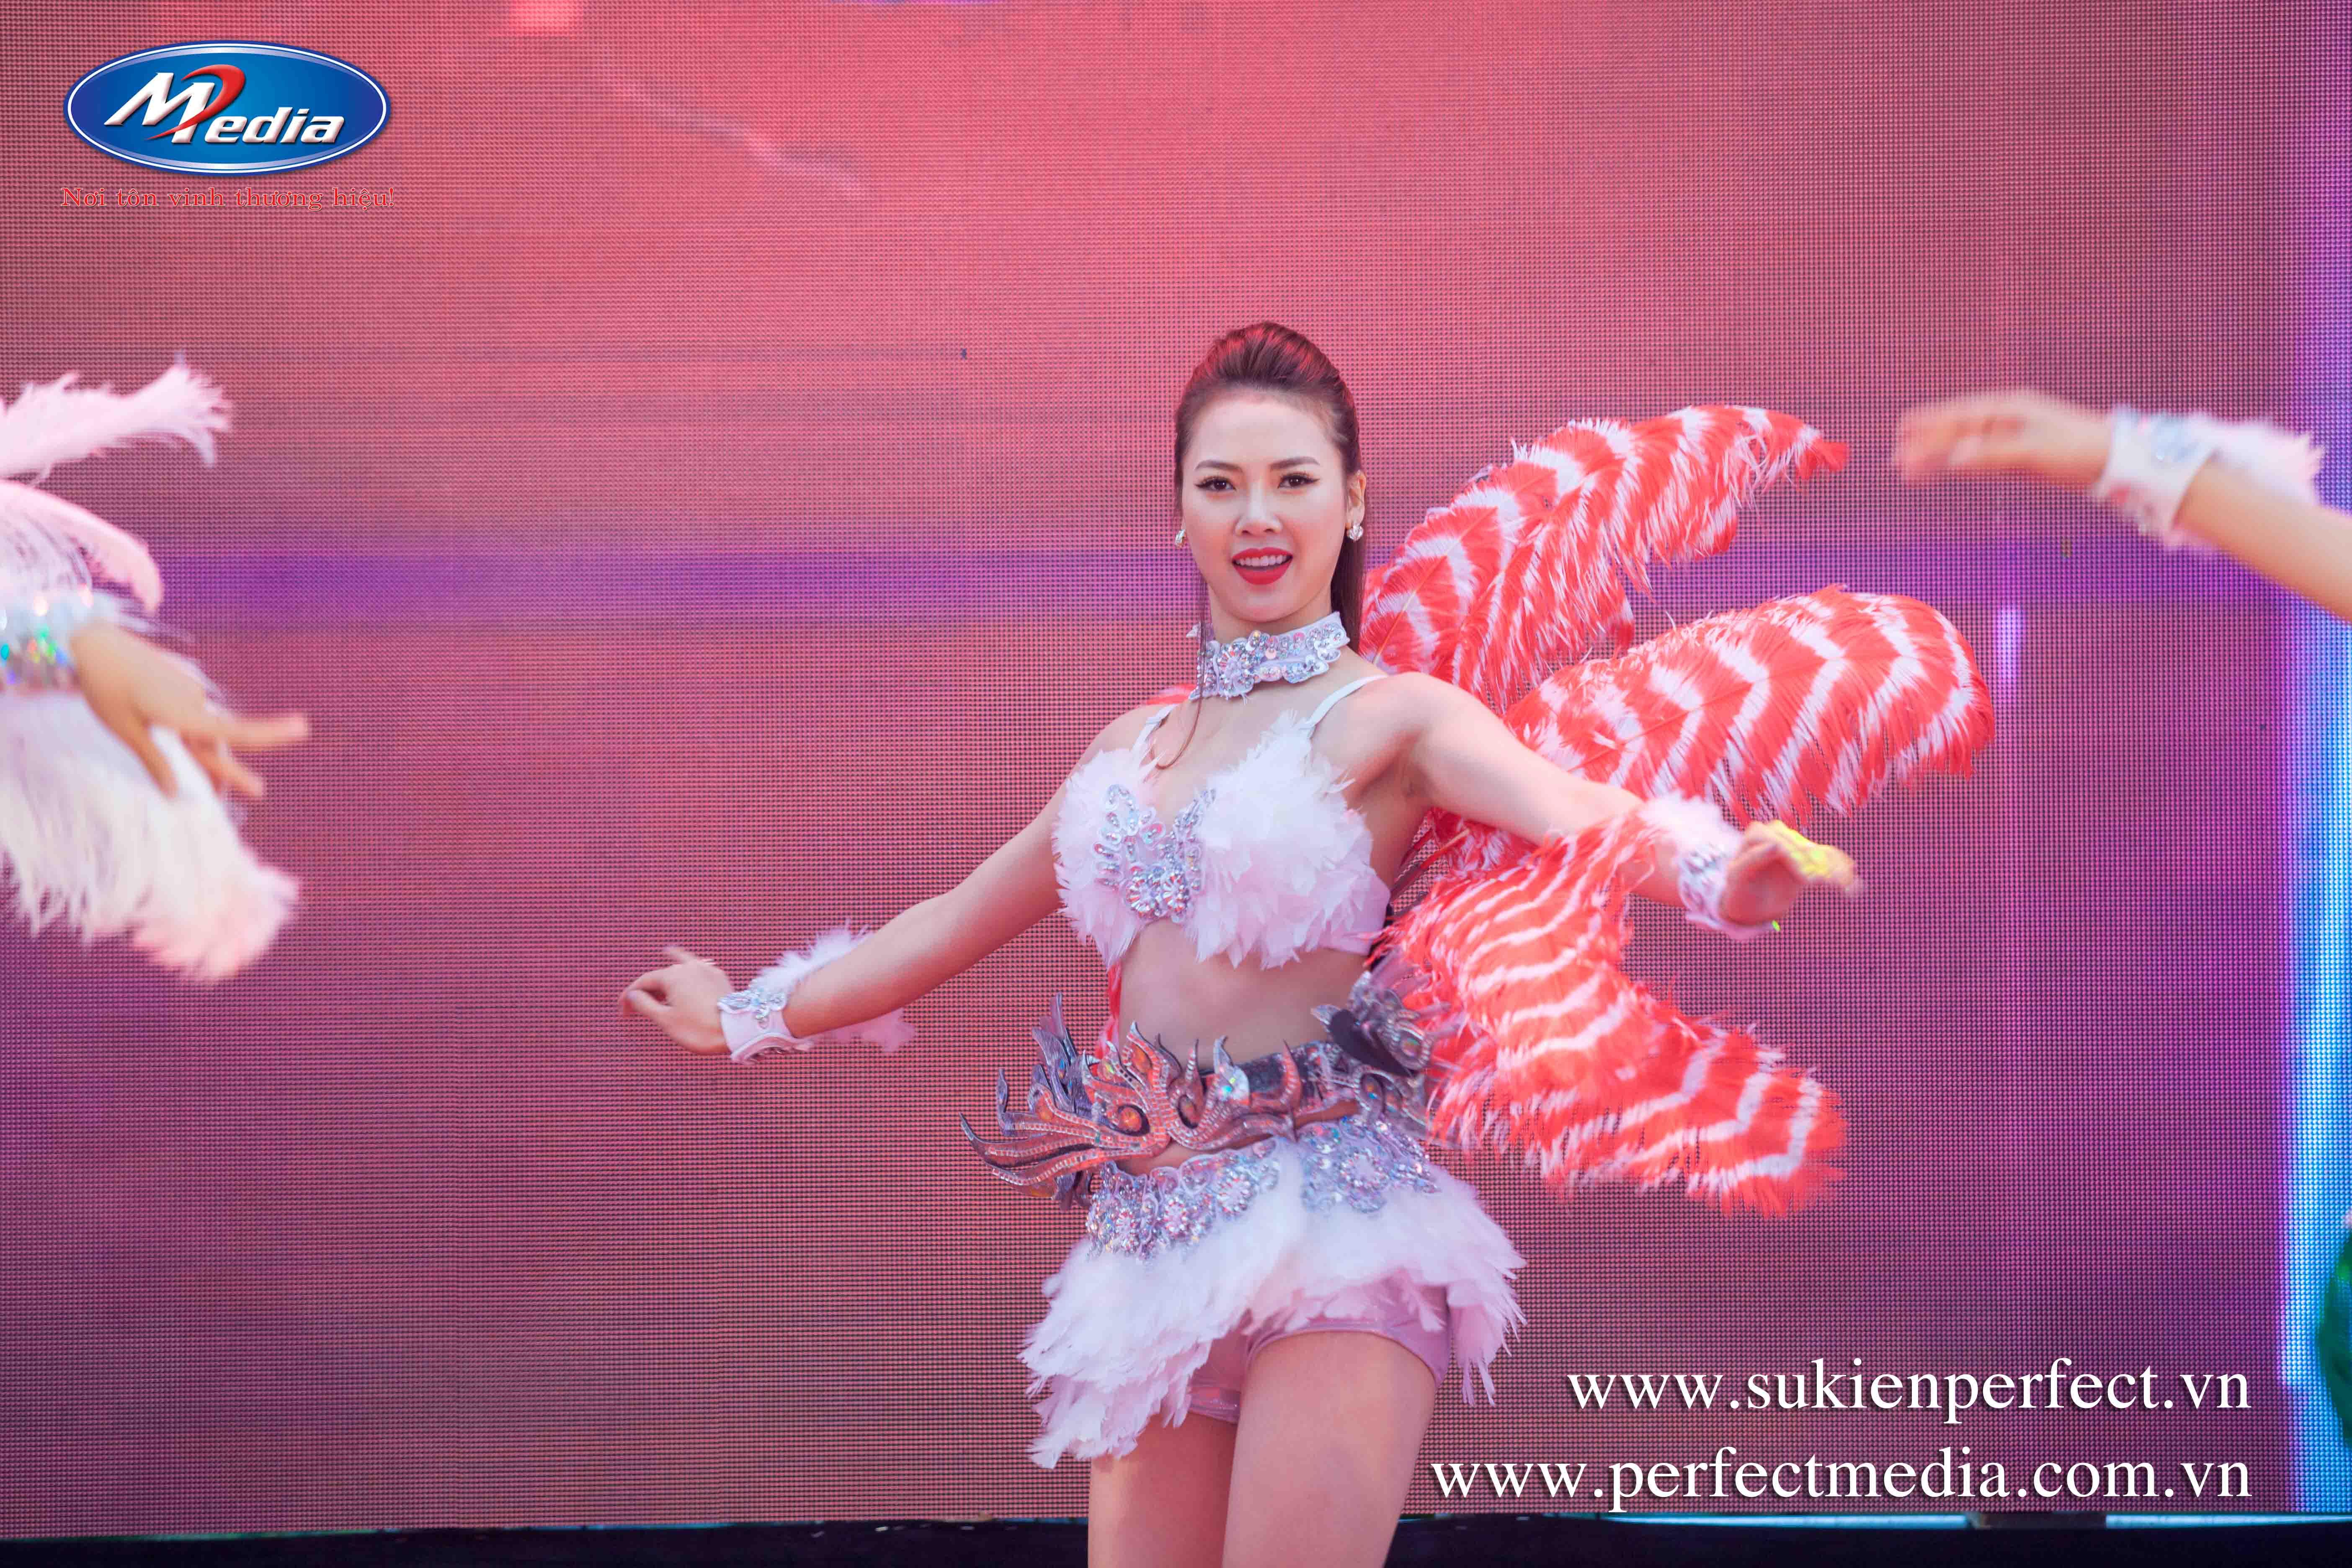 Cung cấp vũ đoàn biểu diễn chuyên nghiệp